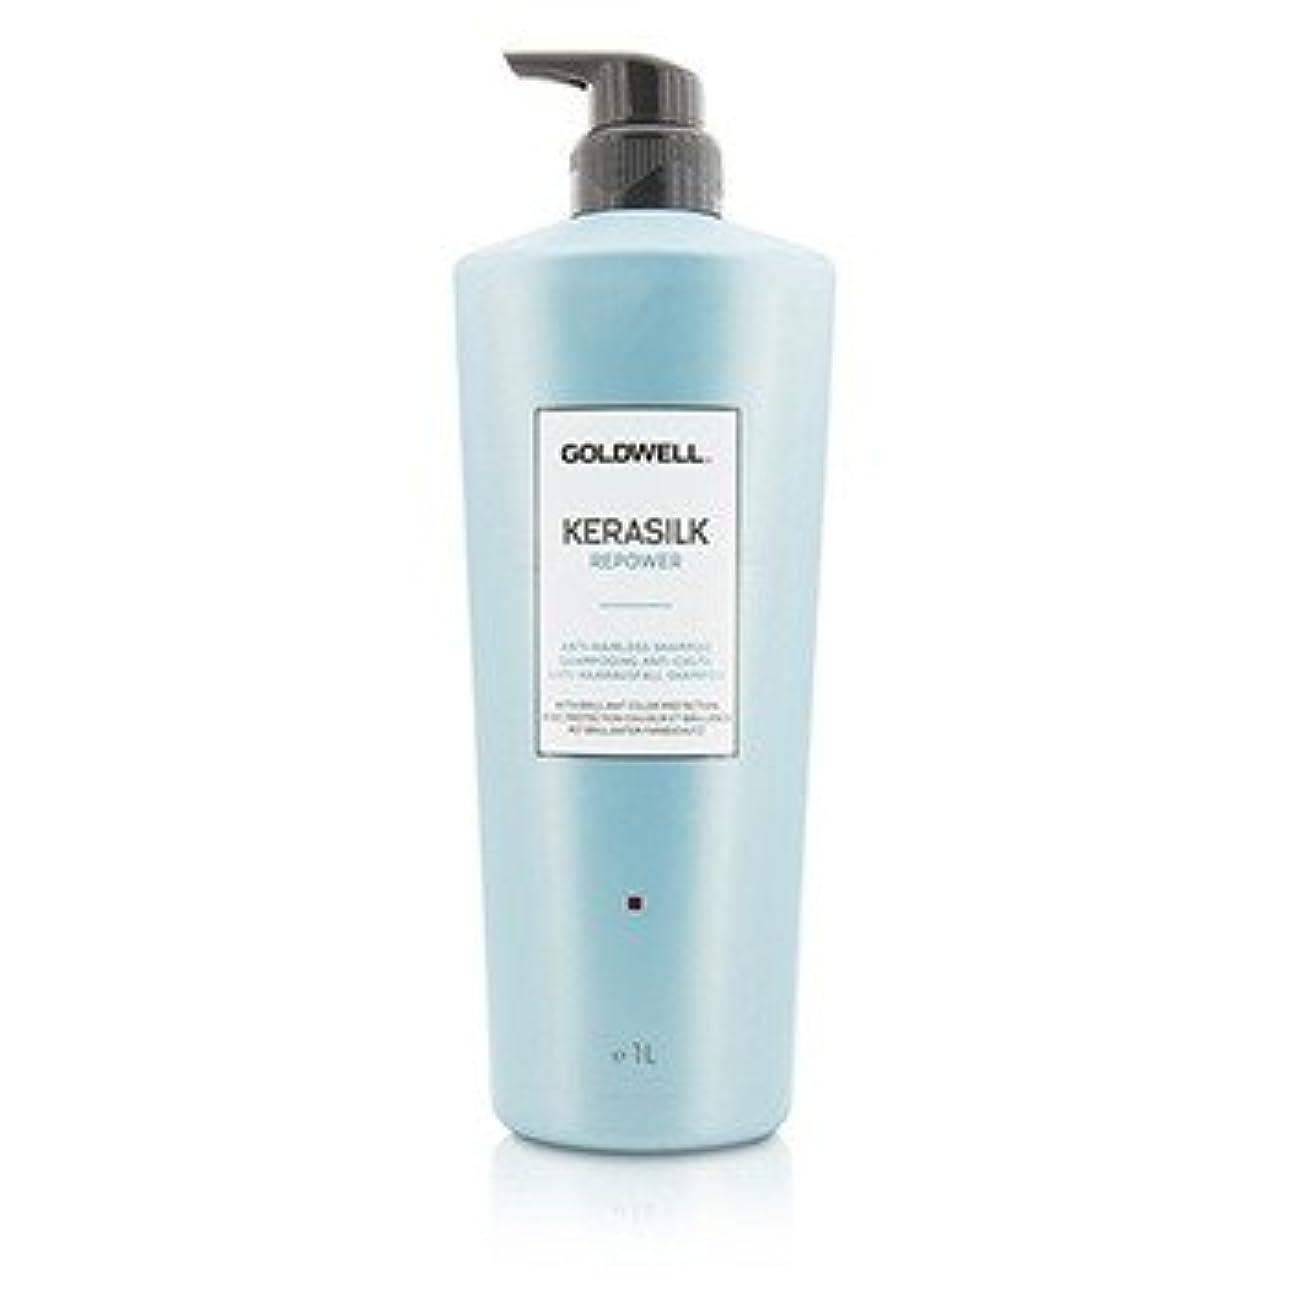 サンダルハンマー見物人[Goldwell] Kerasilk Repower Anti-Hairloss Shampoo (For Thinning Weak Hair) 1000ml/33.8oz